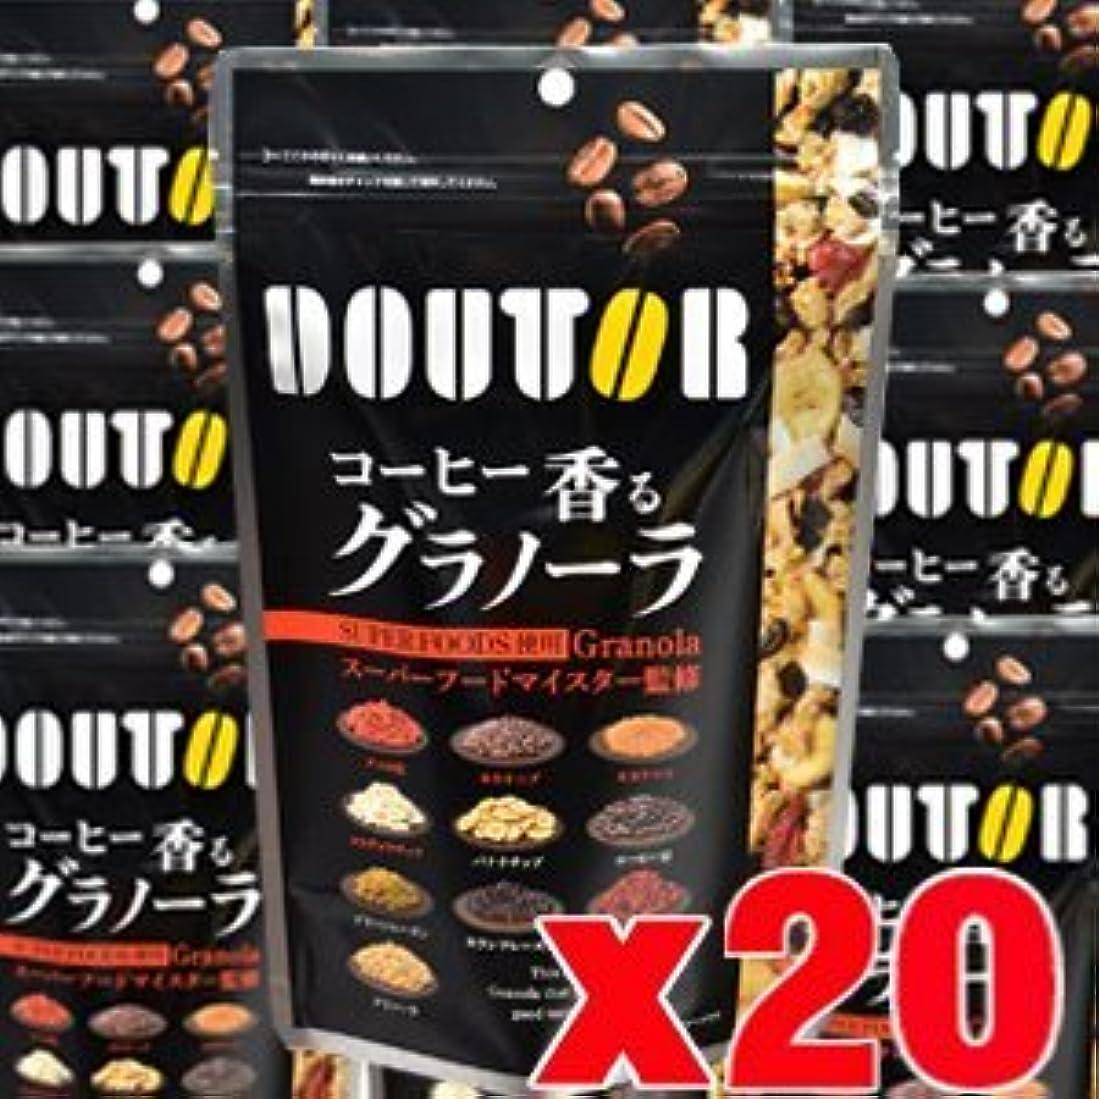 メール推進ネックレス【20個】 ドトール コーヒー香るグラノーラ 210gx20個 (4946763053654-20)